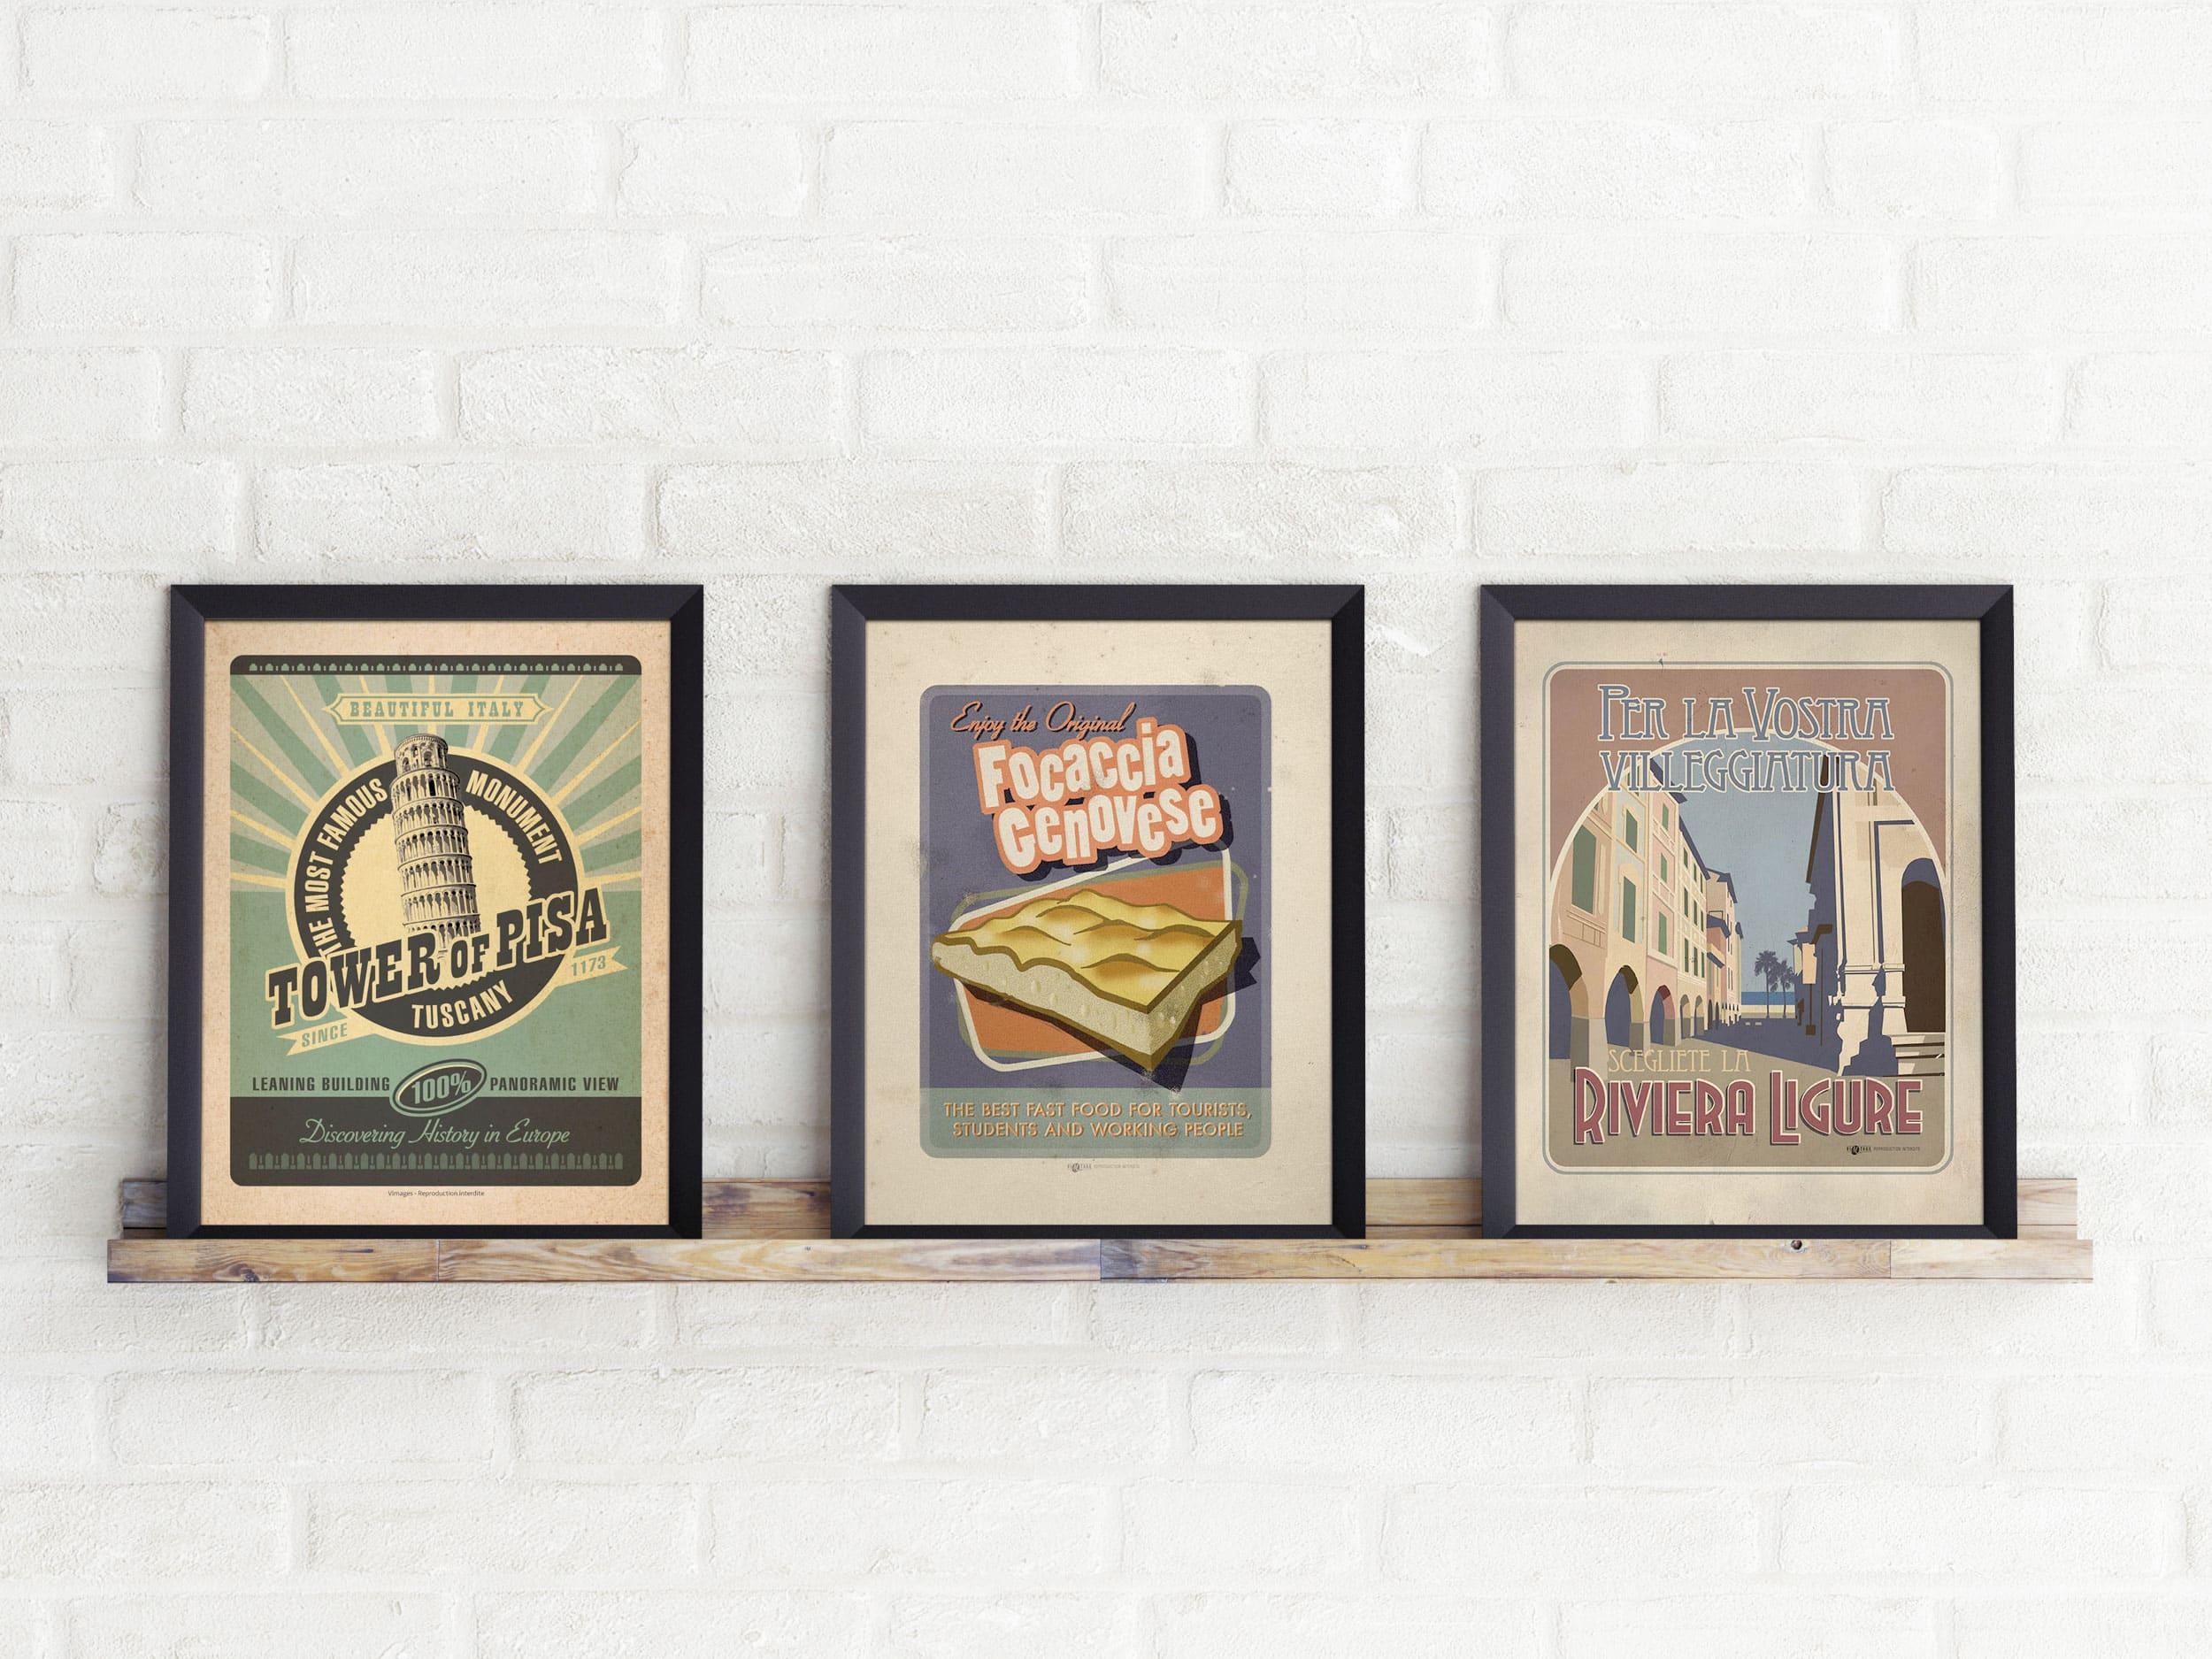 STAMPE | Vimages - Immagini Originali in stile Vintage